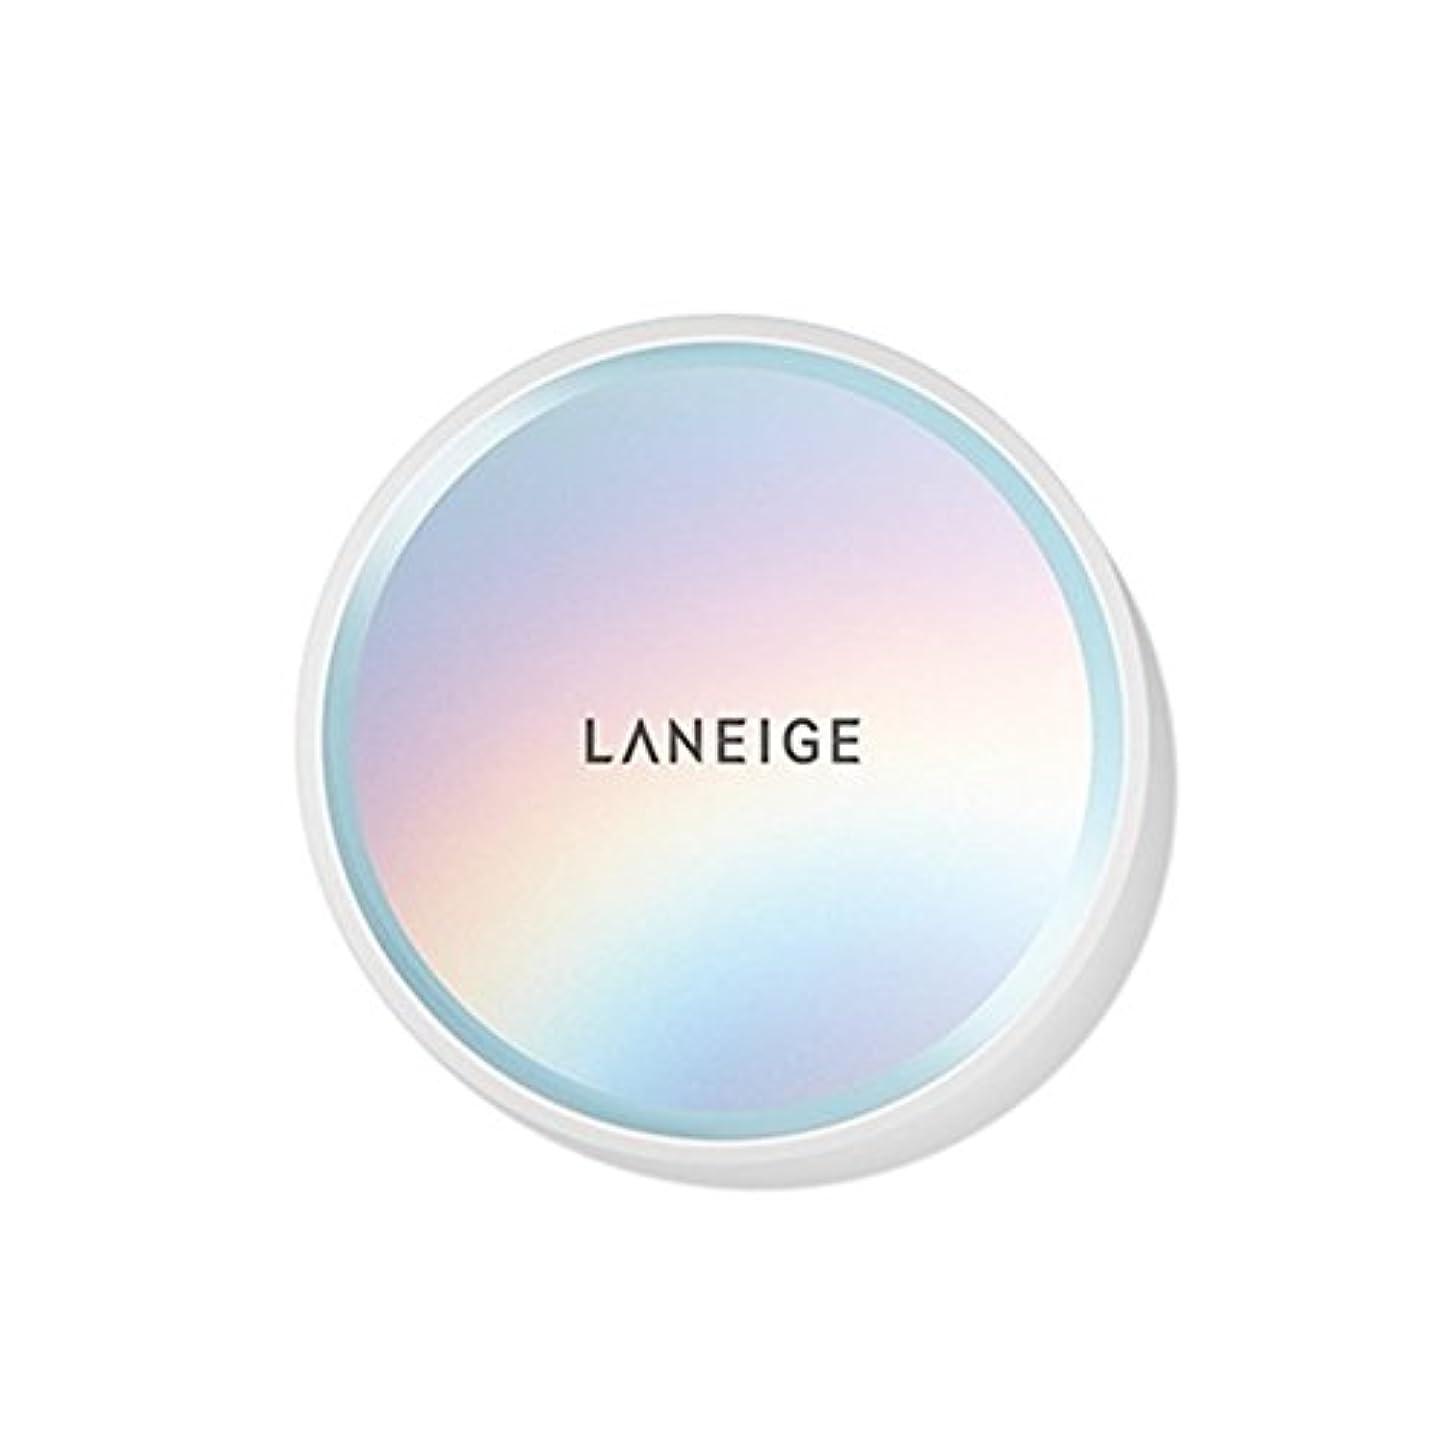 発表する鎖ブランデー【ラネージュ】 LANEIGE BB Cushion Pore Control BBクッションポアコントロール 【韓国直送品】 OOPSPANDA (6.No. 13 Cool Ivory)